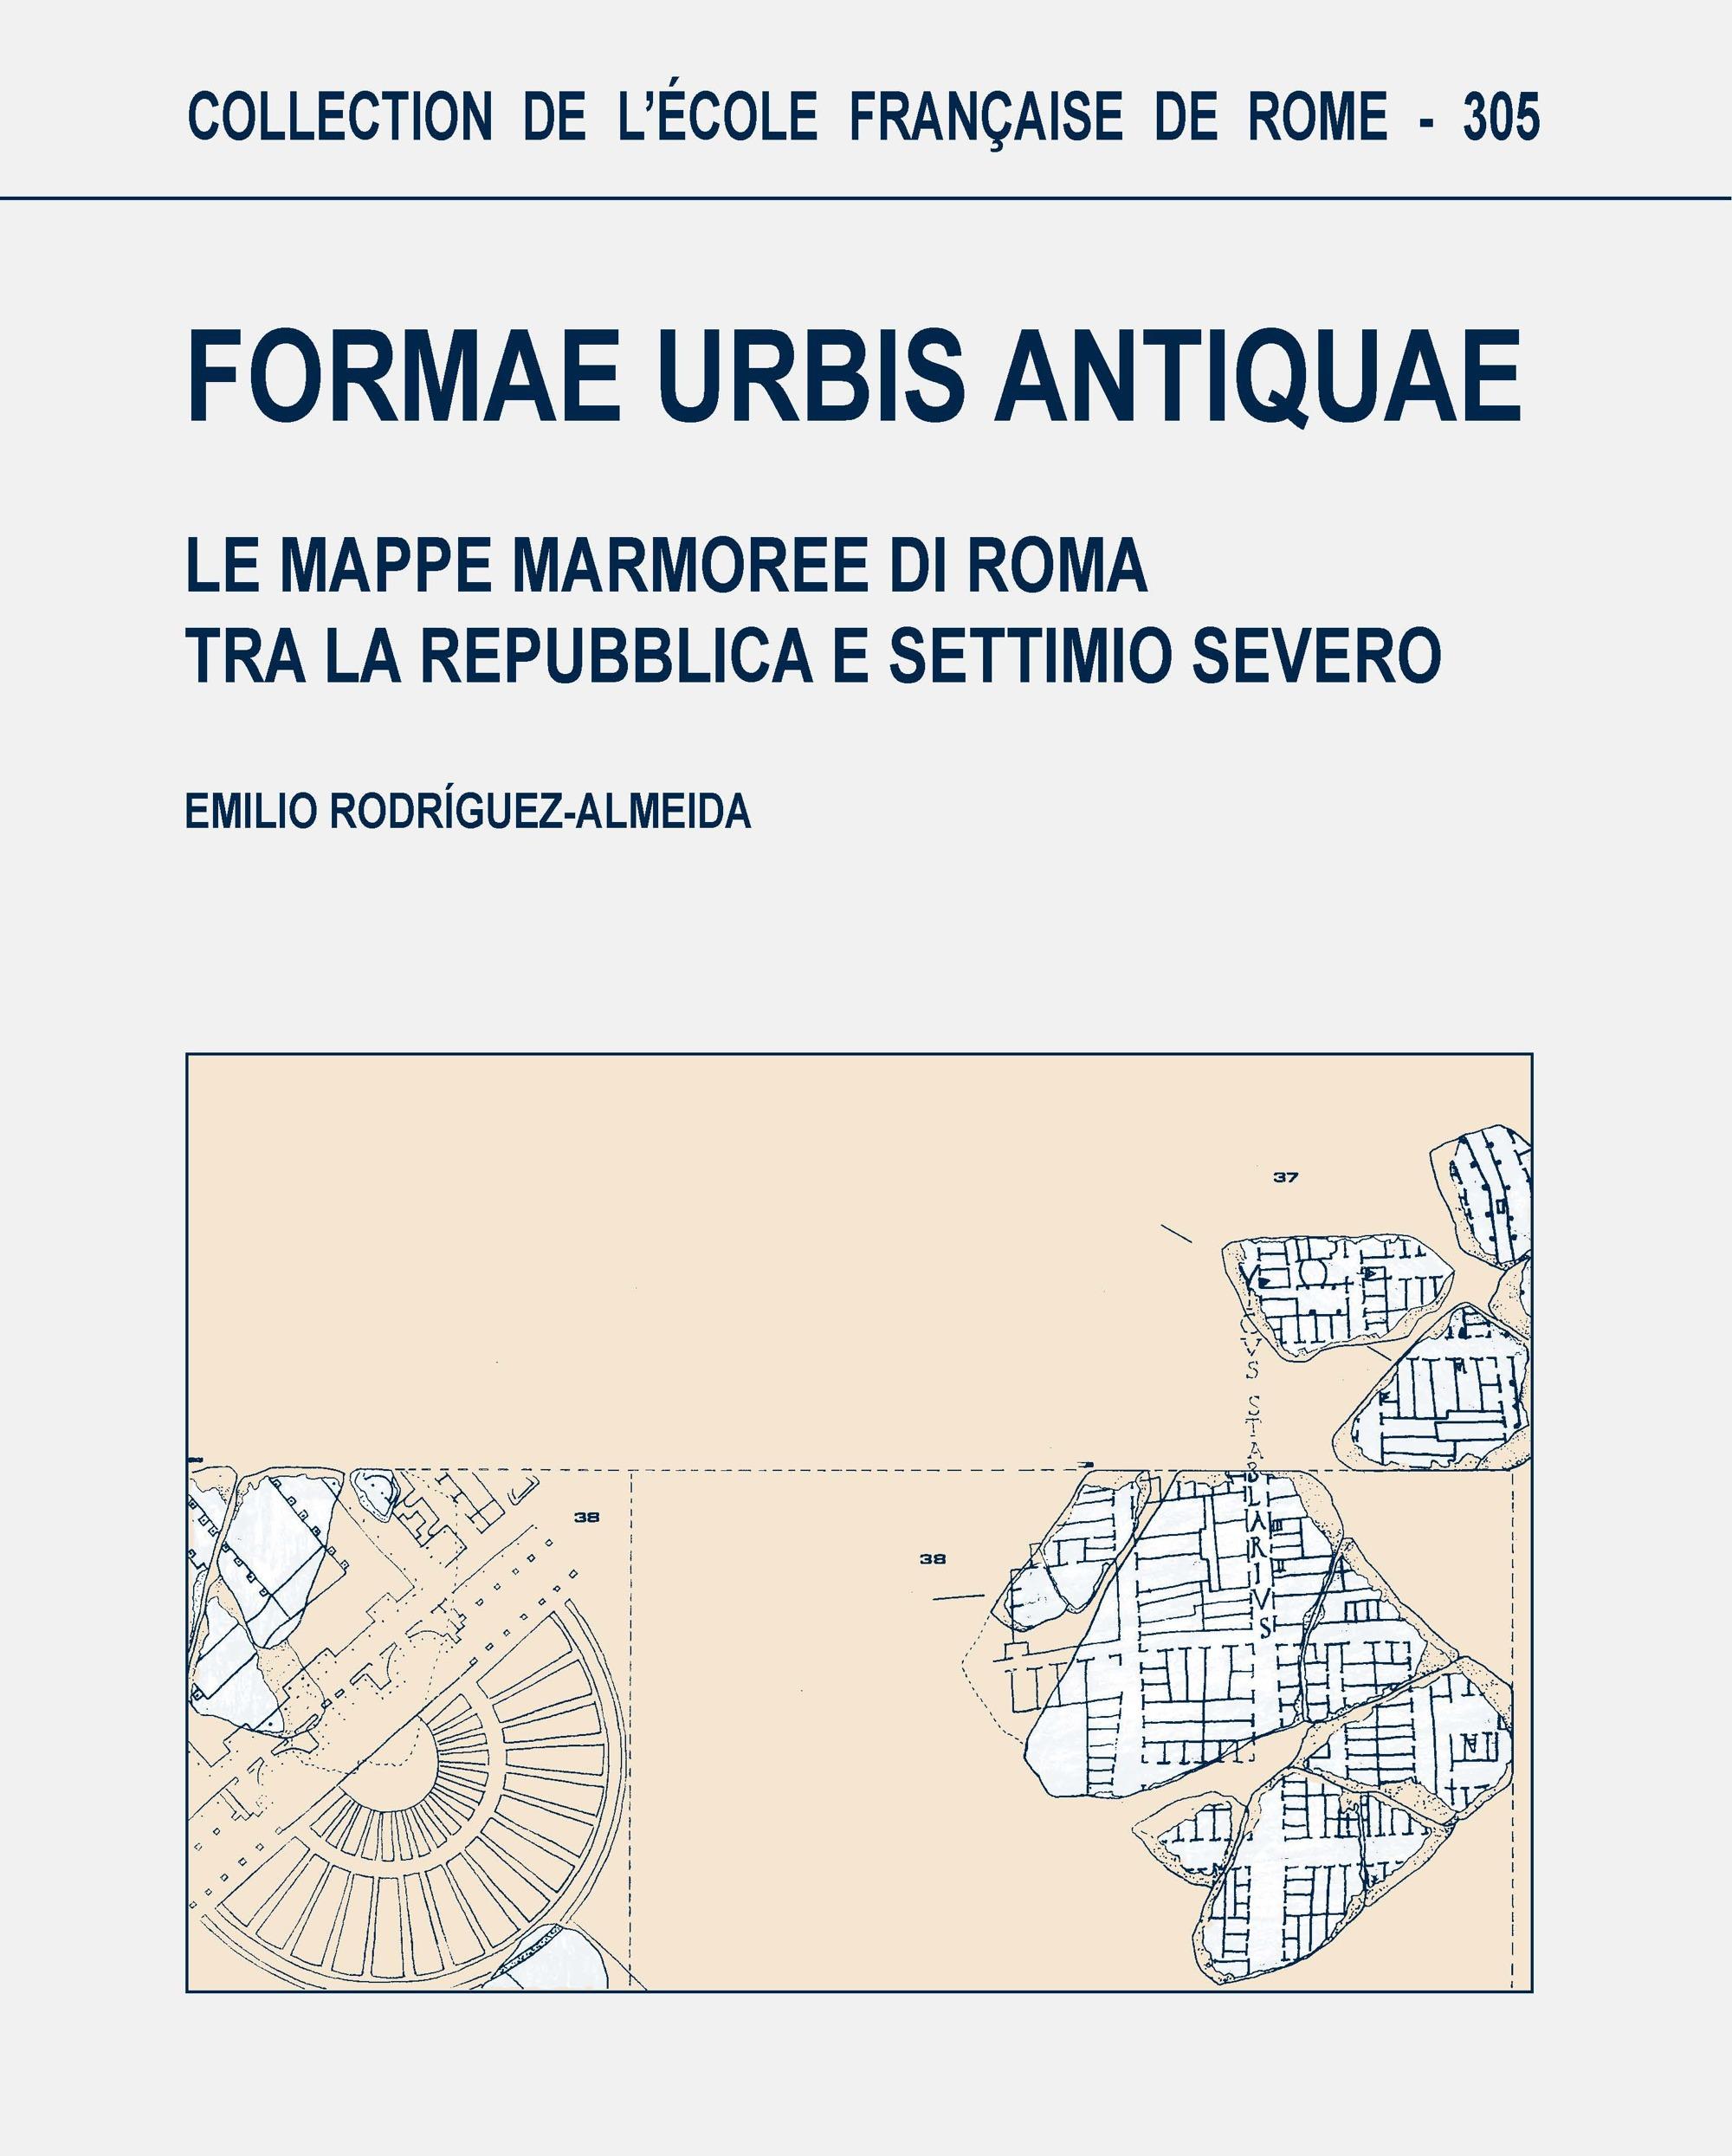 Formae urbis antiquae ; le mappe marmoree di Roma tra la Repubblica e Settimio Severo